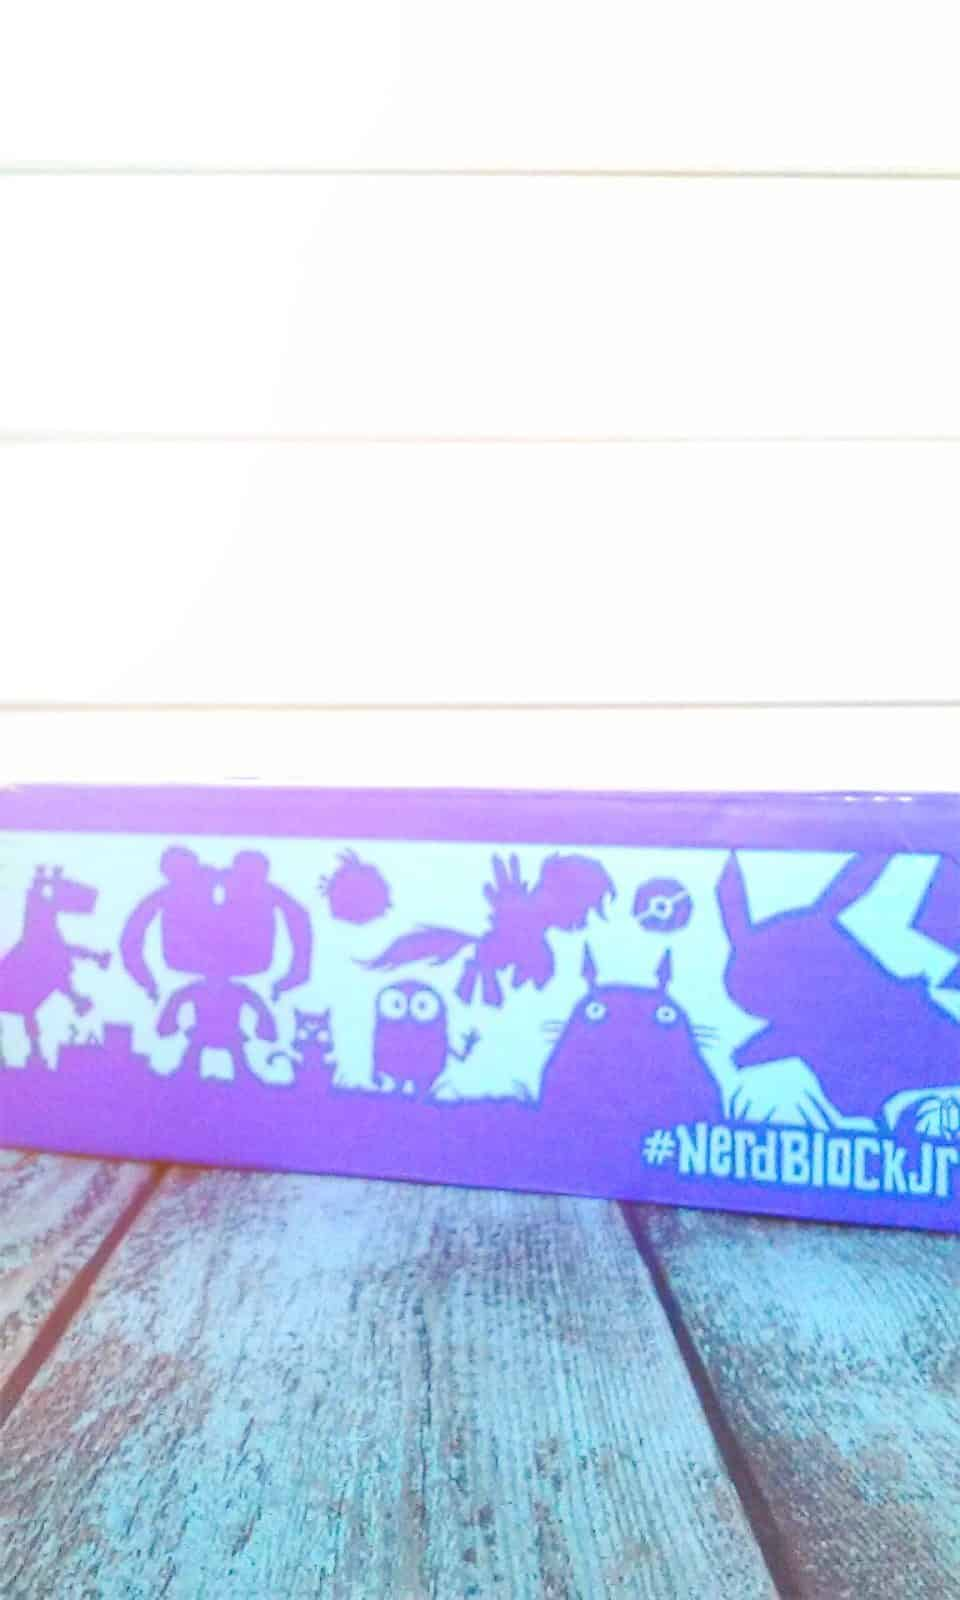 November 2016 Nerd Block Jr. for Girls - Box